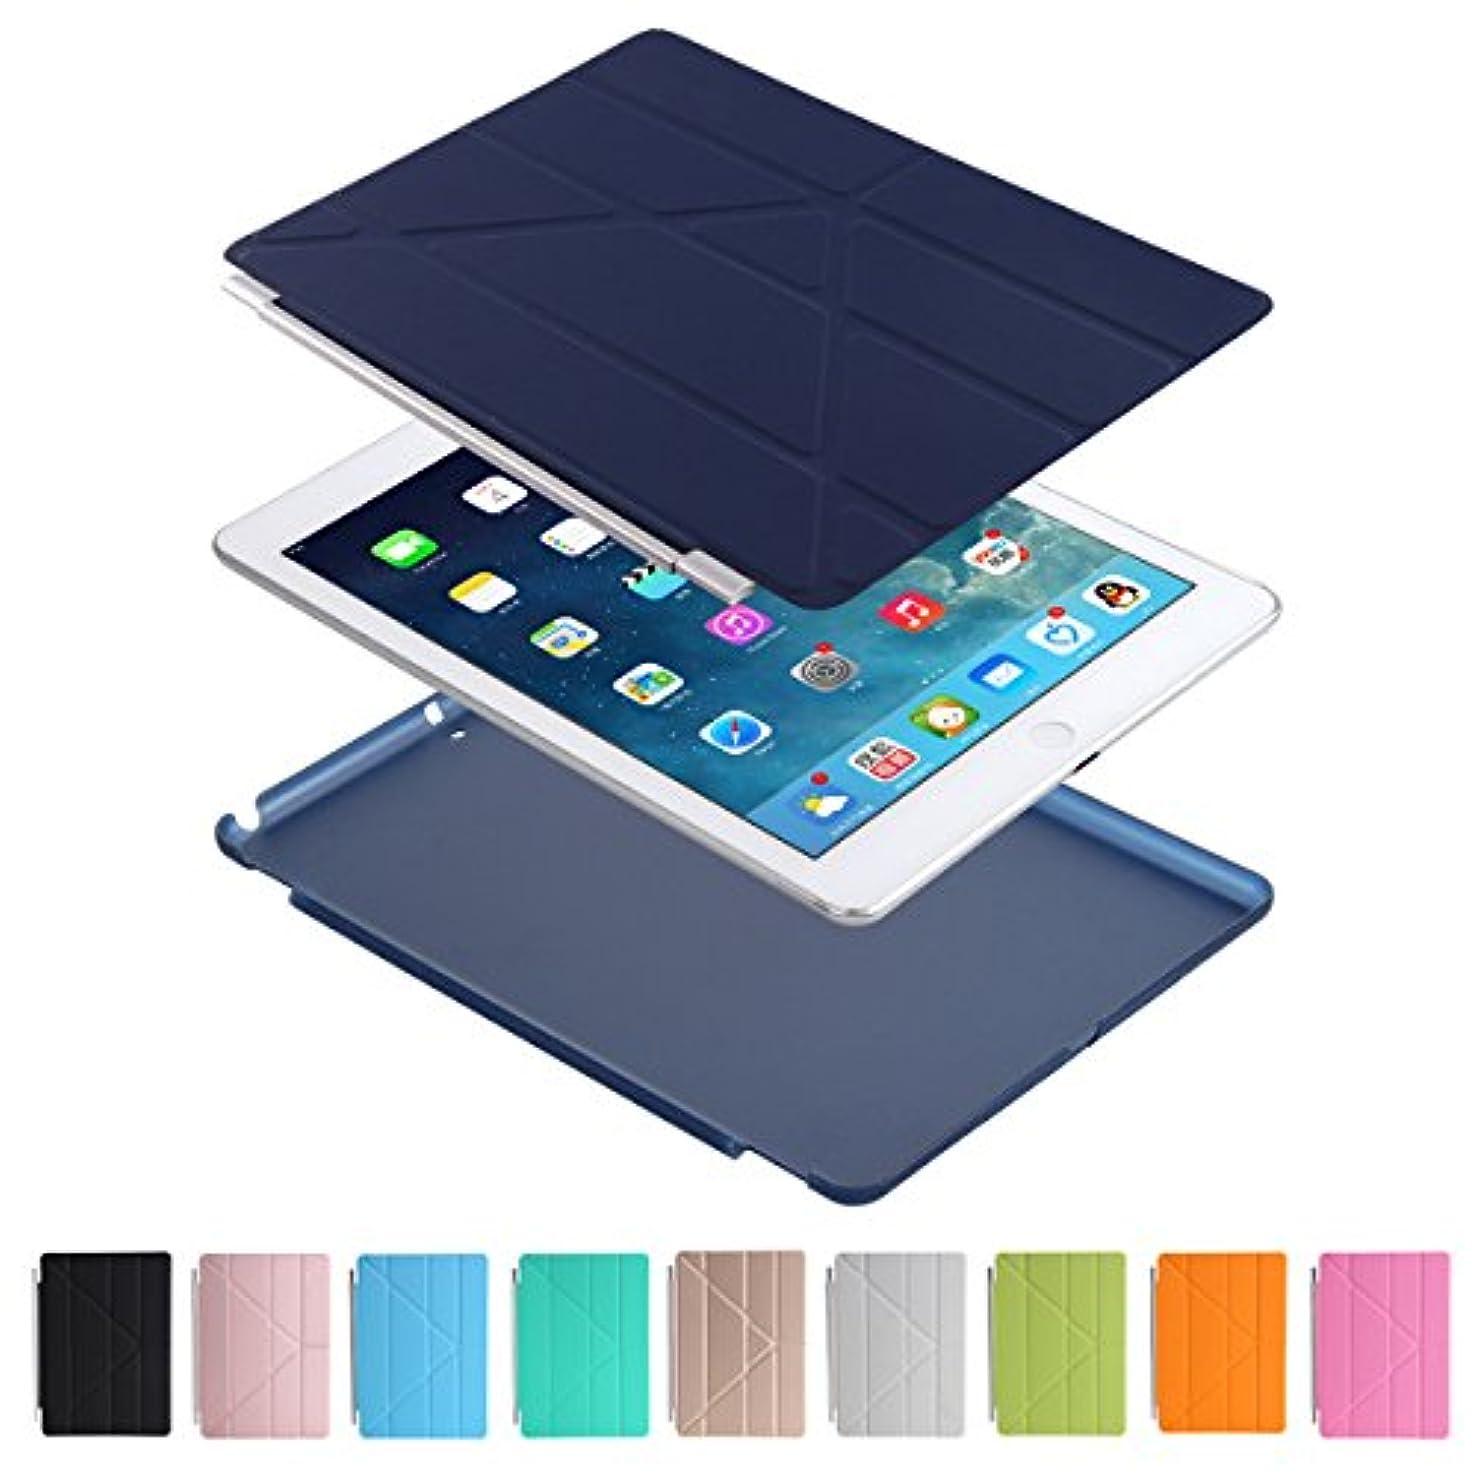 調停する算術分類Dongke 新型 iPad 9.7 2017 2018 スマートカバー ケース PU レザー オートスリープ スタンド iPad 9.7 インチ 2017専用 超薄型 最軽量スリーブ A1822 A1893 モデル(紺)